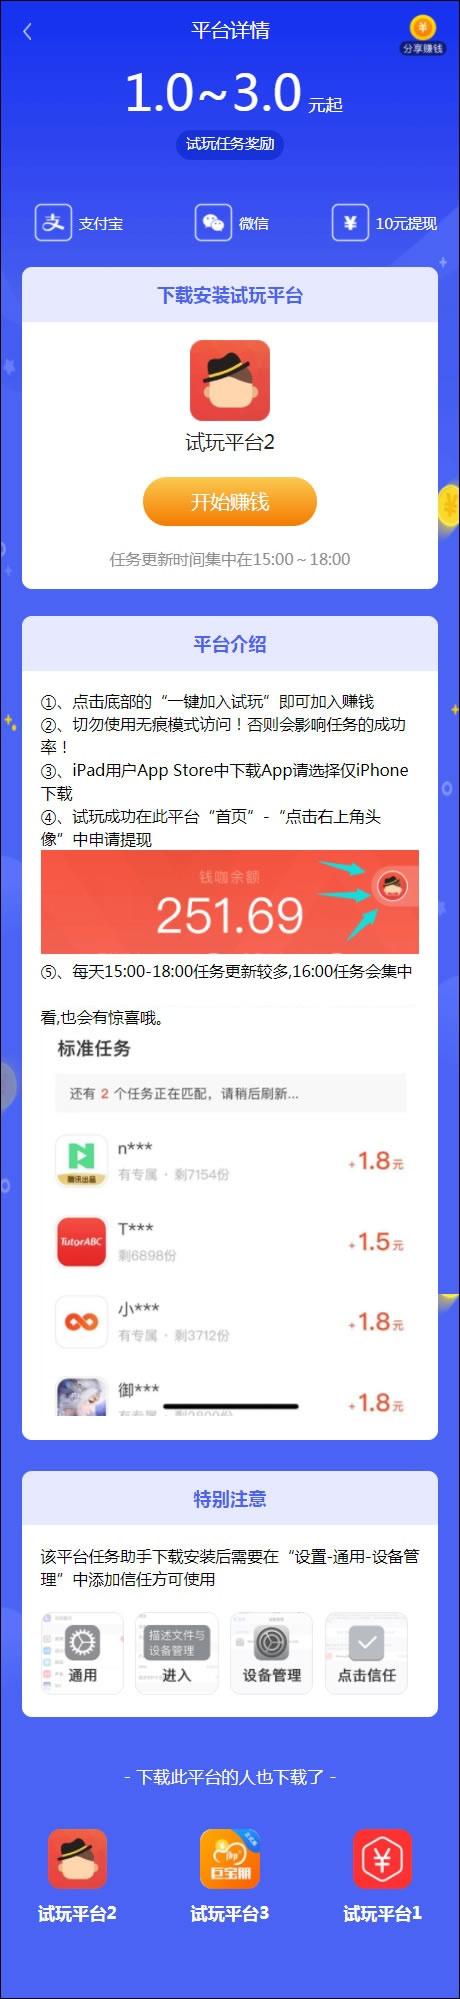 帝国cms7.5最新版手赚网整站源码 游戏试玩平台源码 自适应手机端 第2张